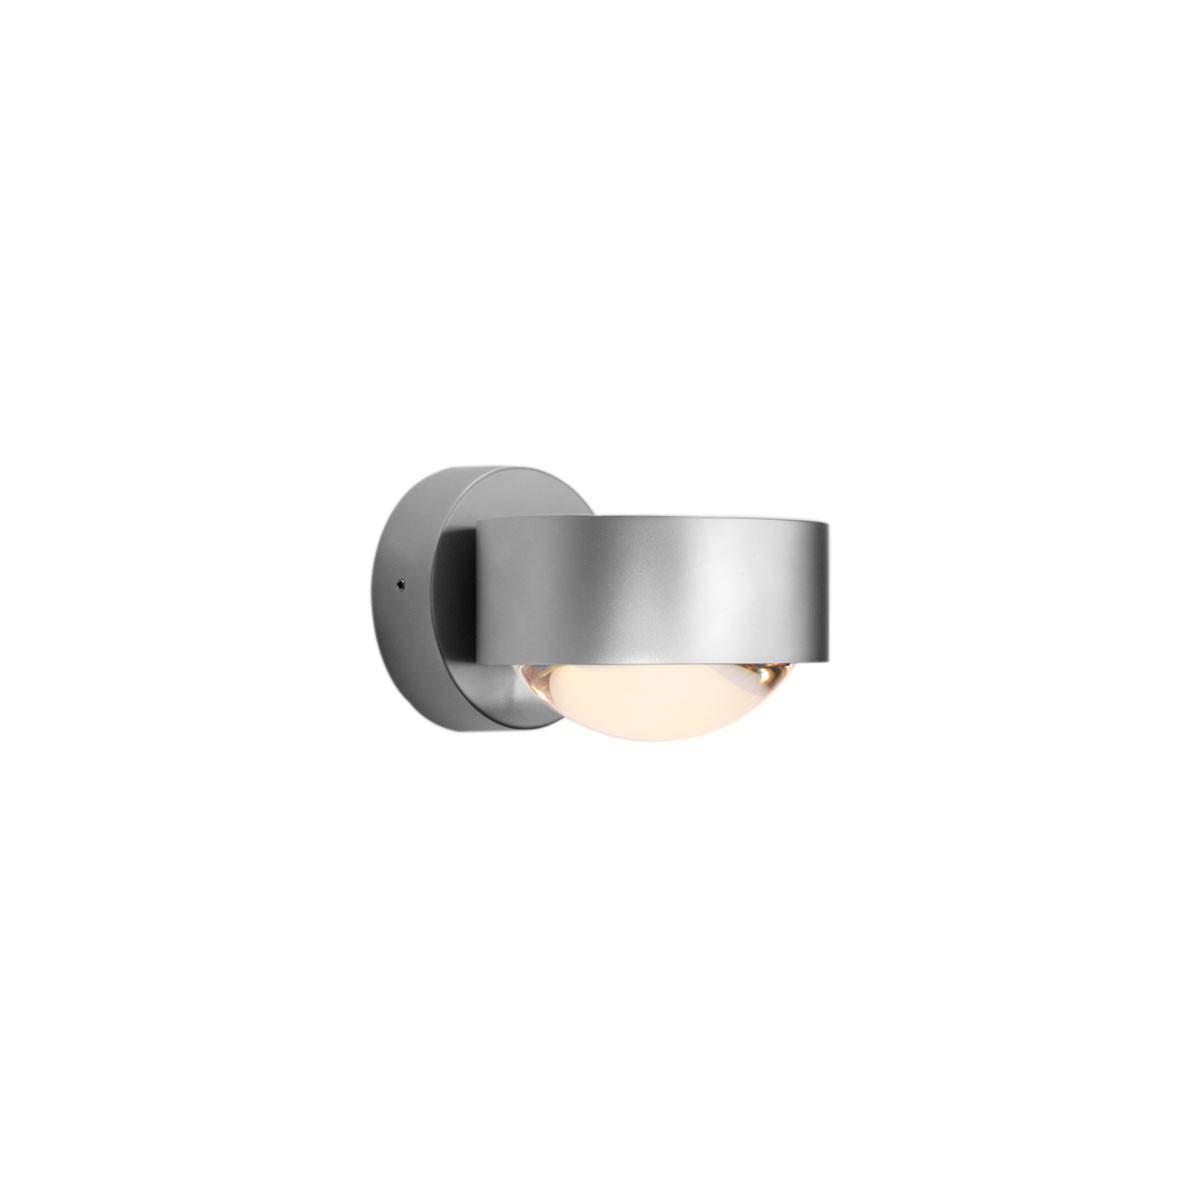 Top Light Puk Wall LED Wandleuchte, Chrom matt